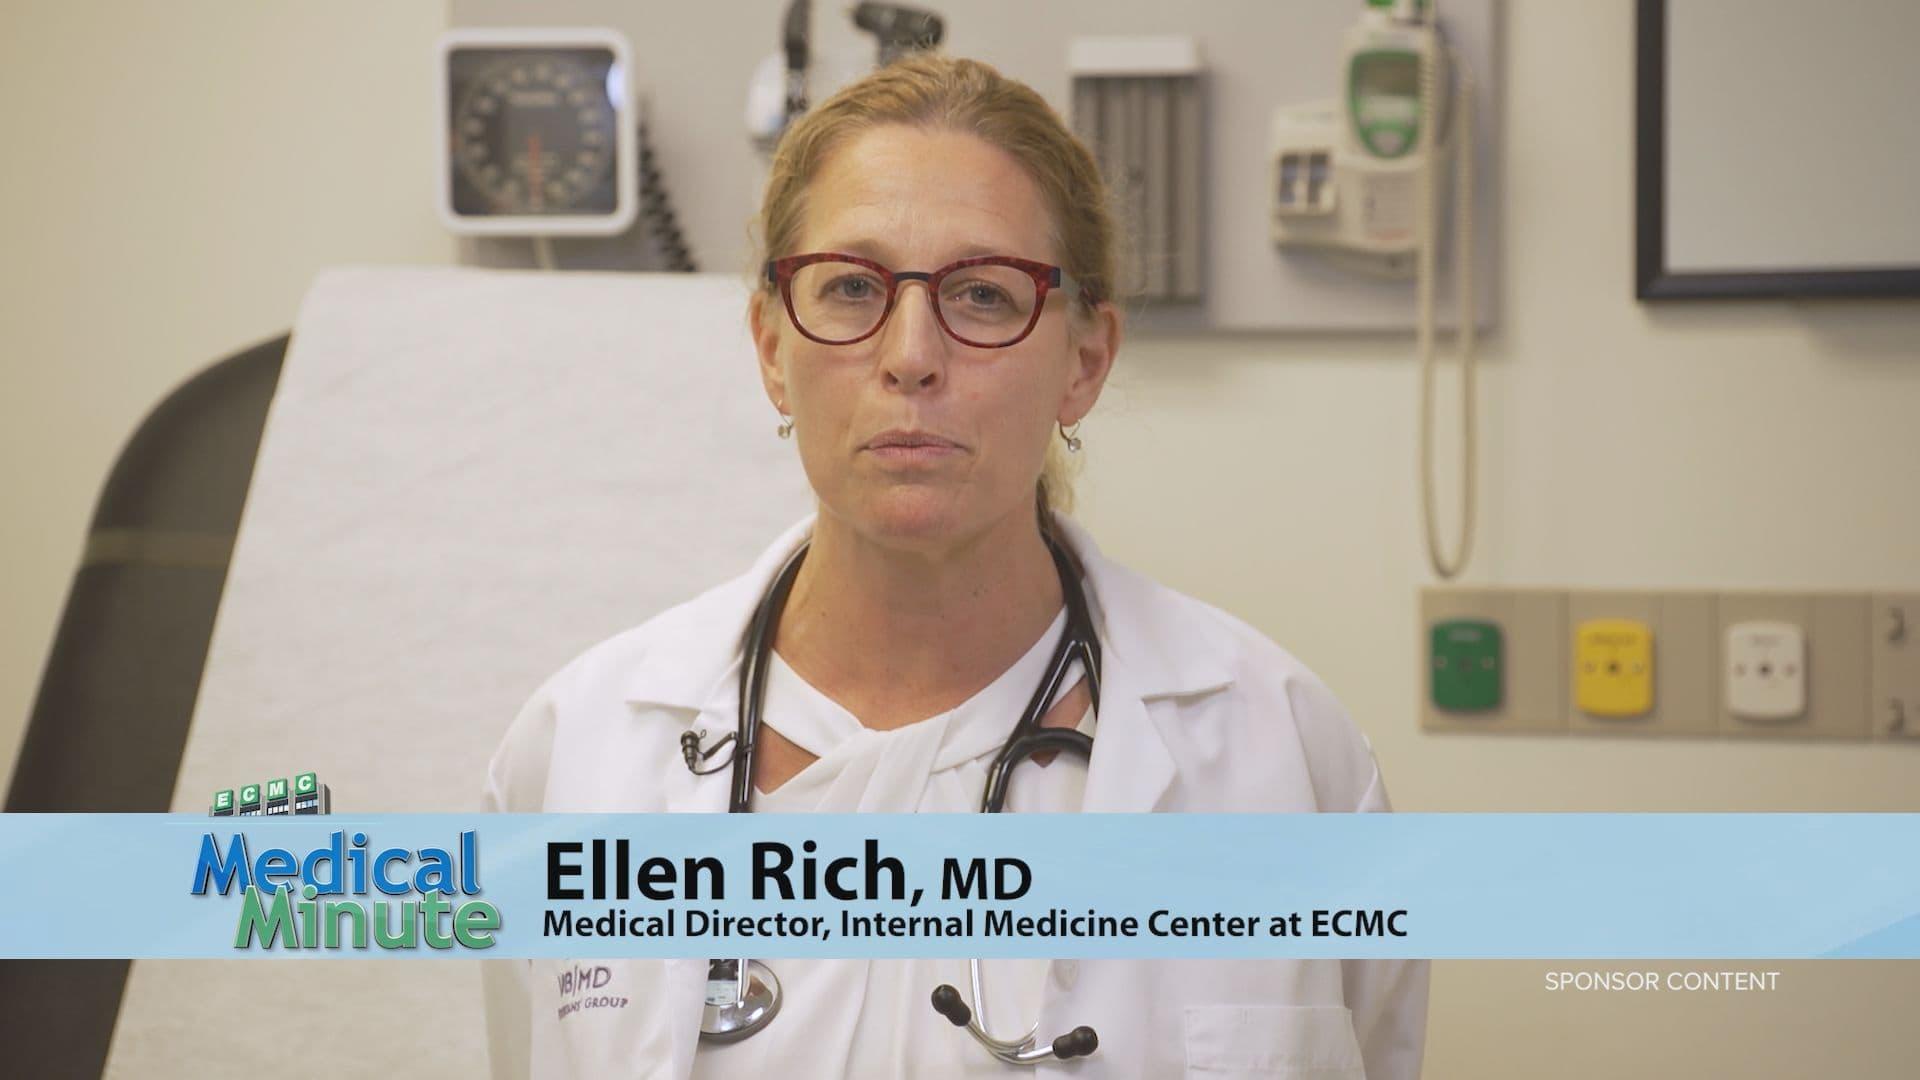 ECMCMedicalMinute EllenRich AnnualPhysical 091420 STILL